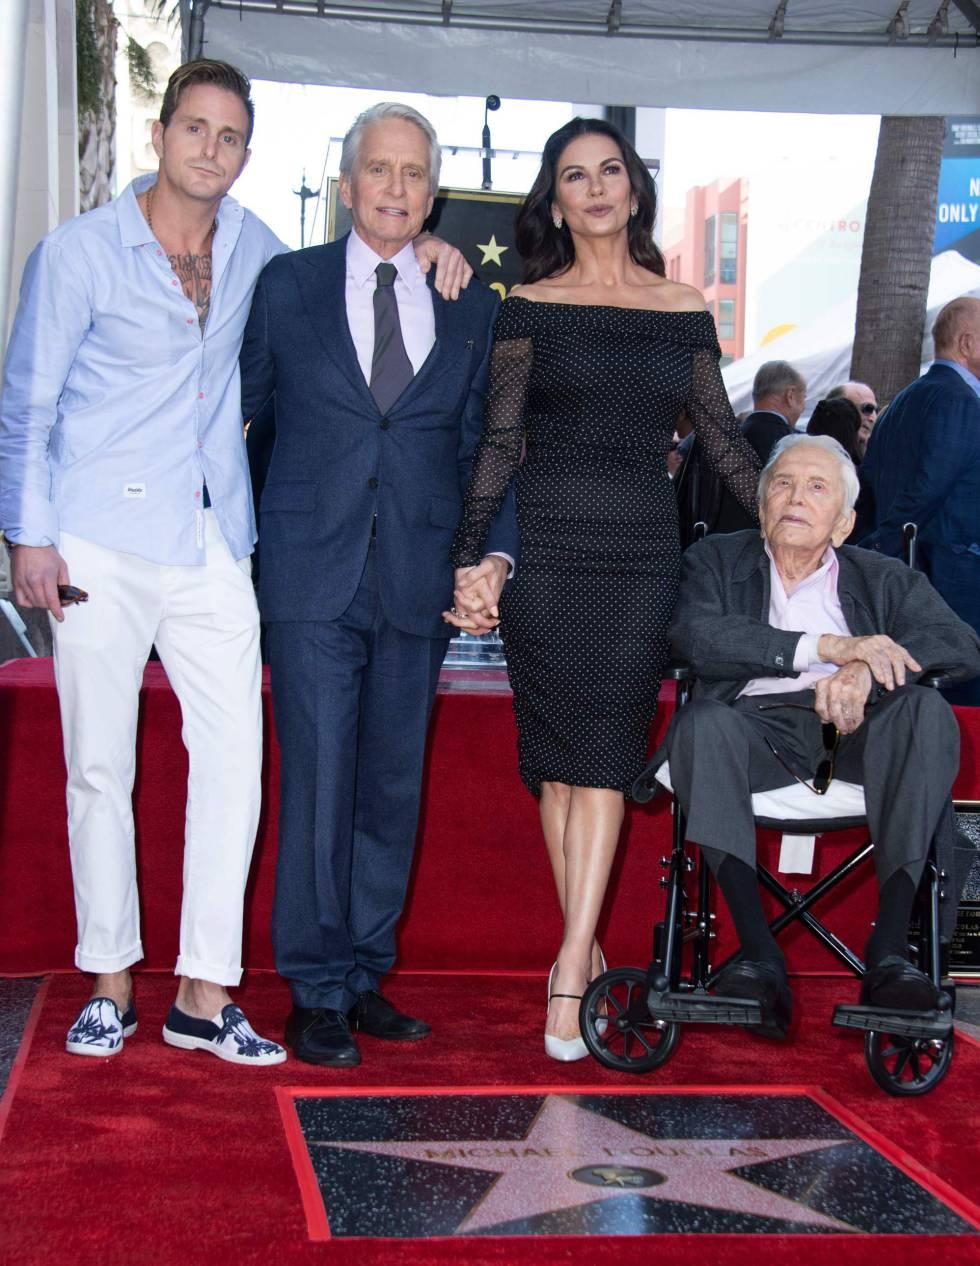 Cameron Douglas, Michael Douglas, Catherine Zeta-Jones y Kirk Douglas en el Paseo de la Fama de Hollywood, el 6 de noviembre de 2018.